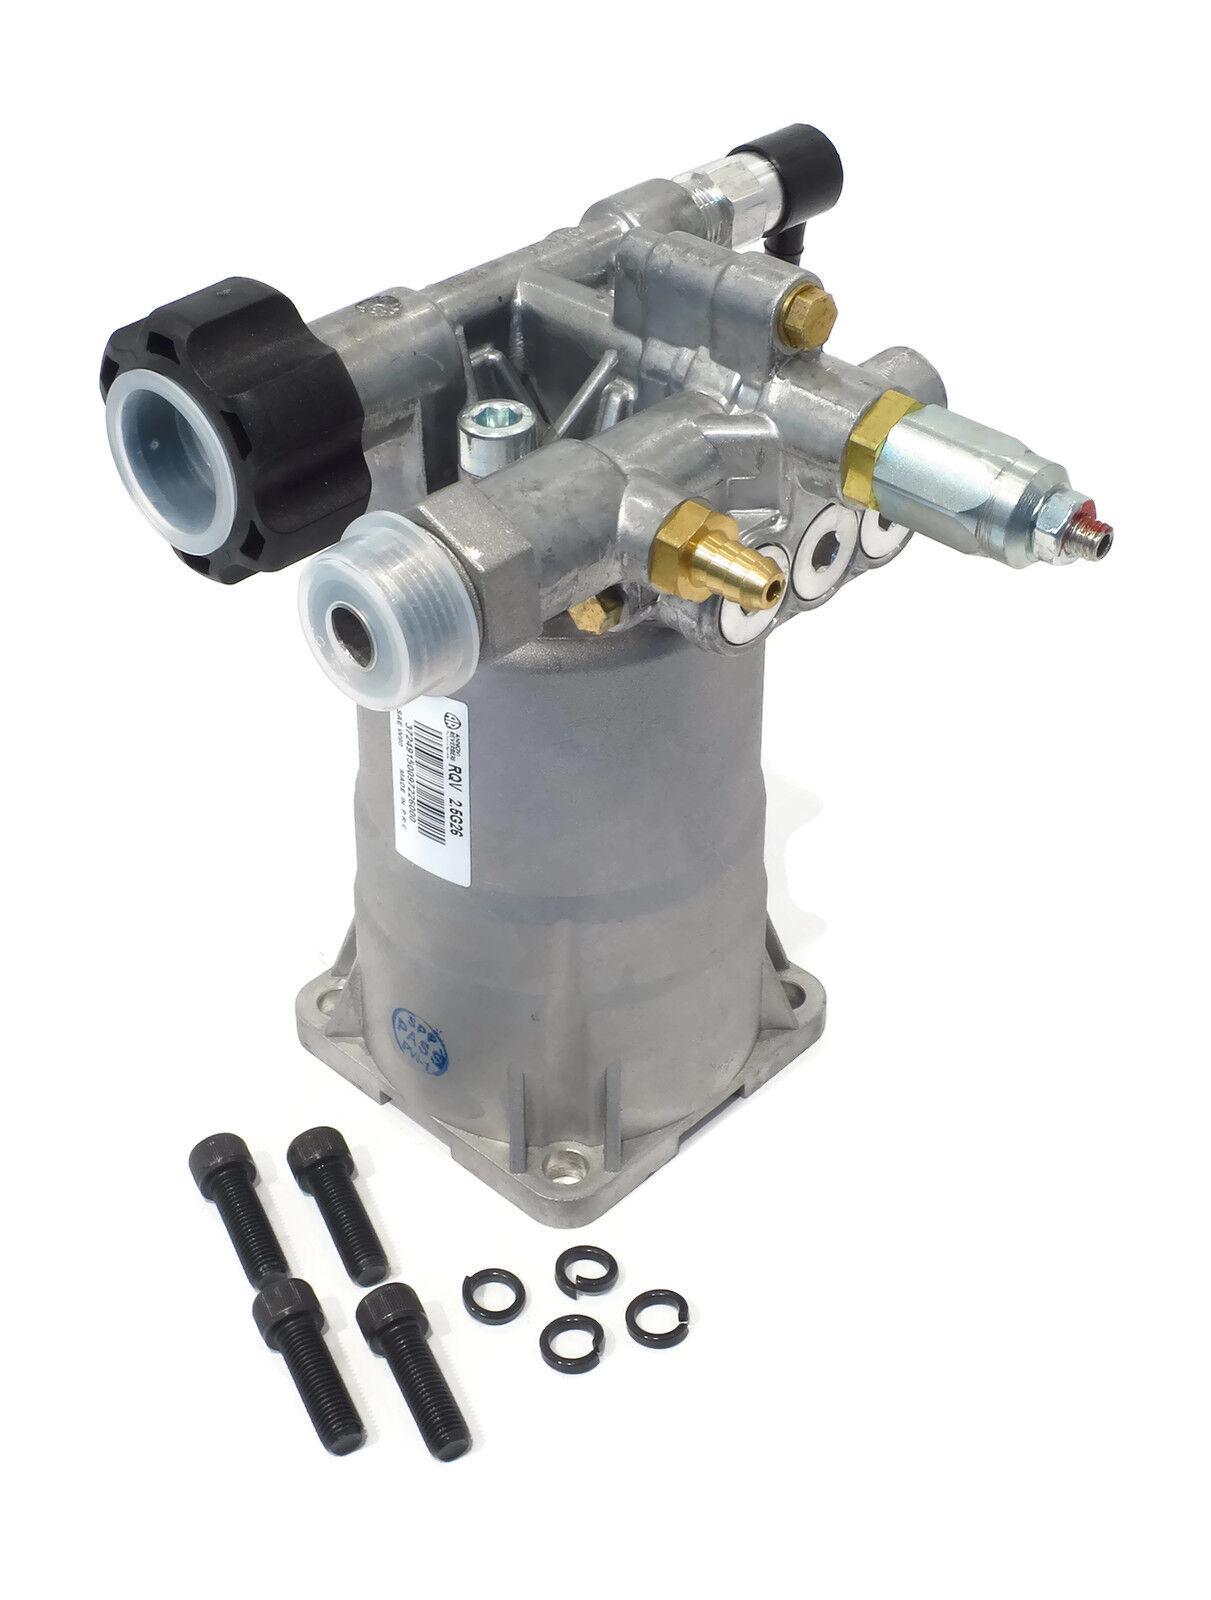 Nuevo 2600 PSI Hidrolimpiadora Bomba de agua para Stratton 1904 01904 01904-0 Briggs &